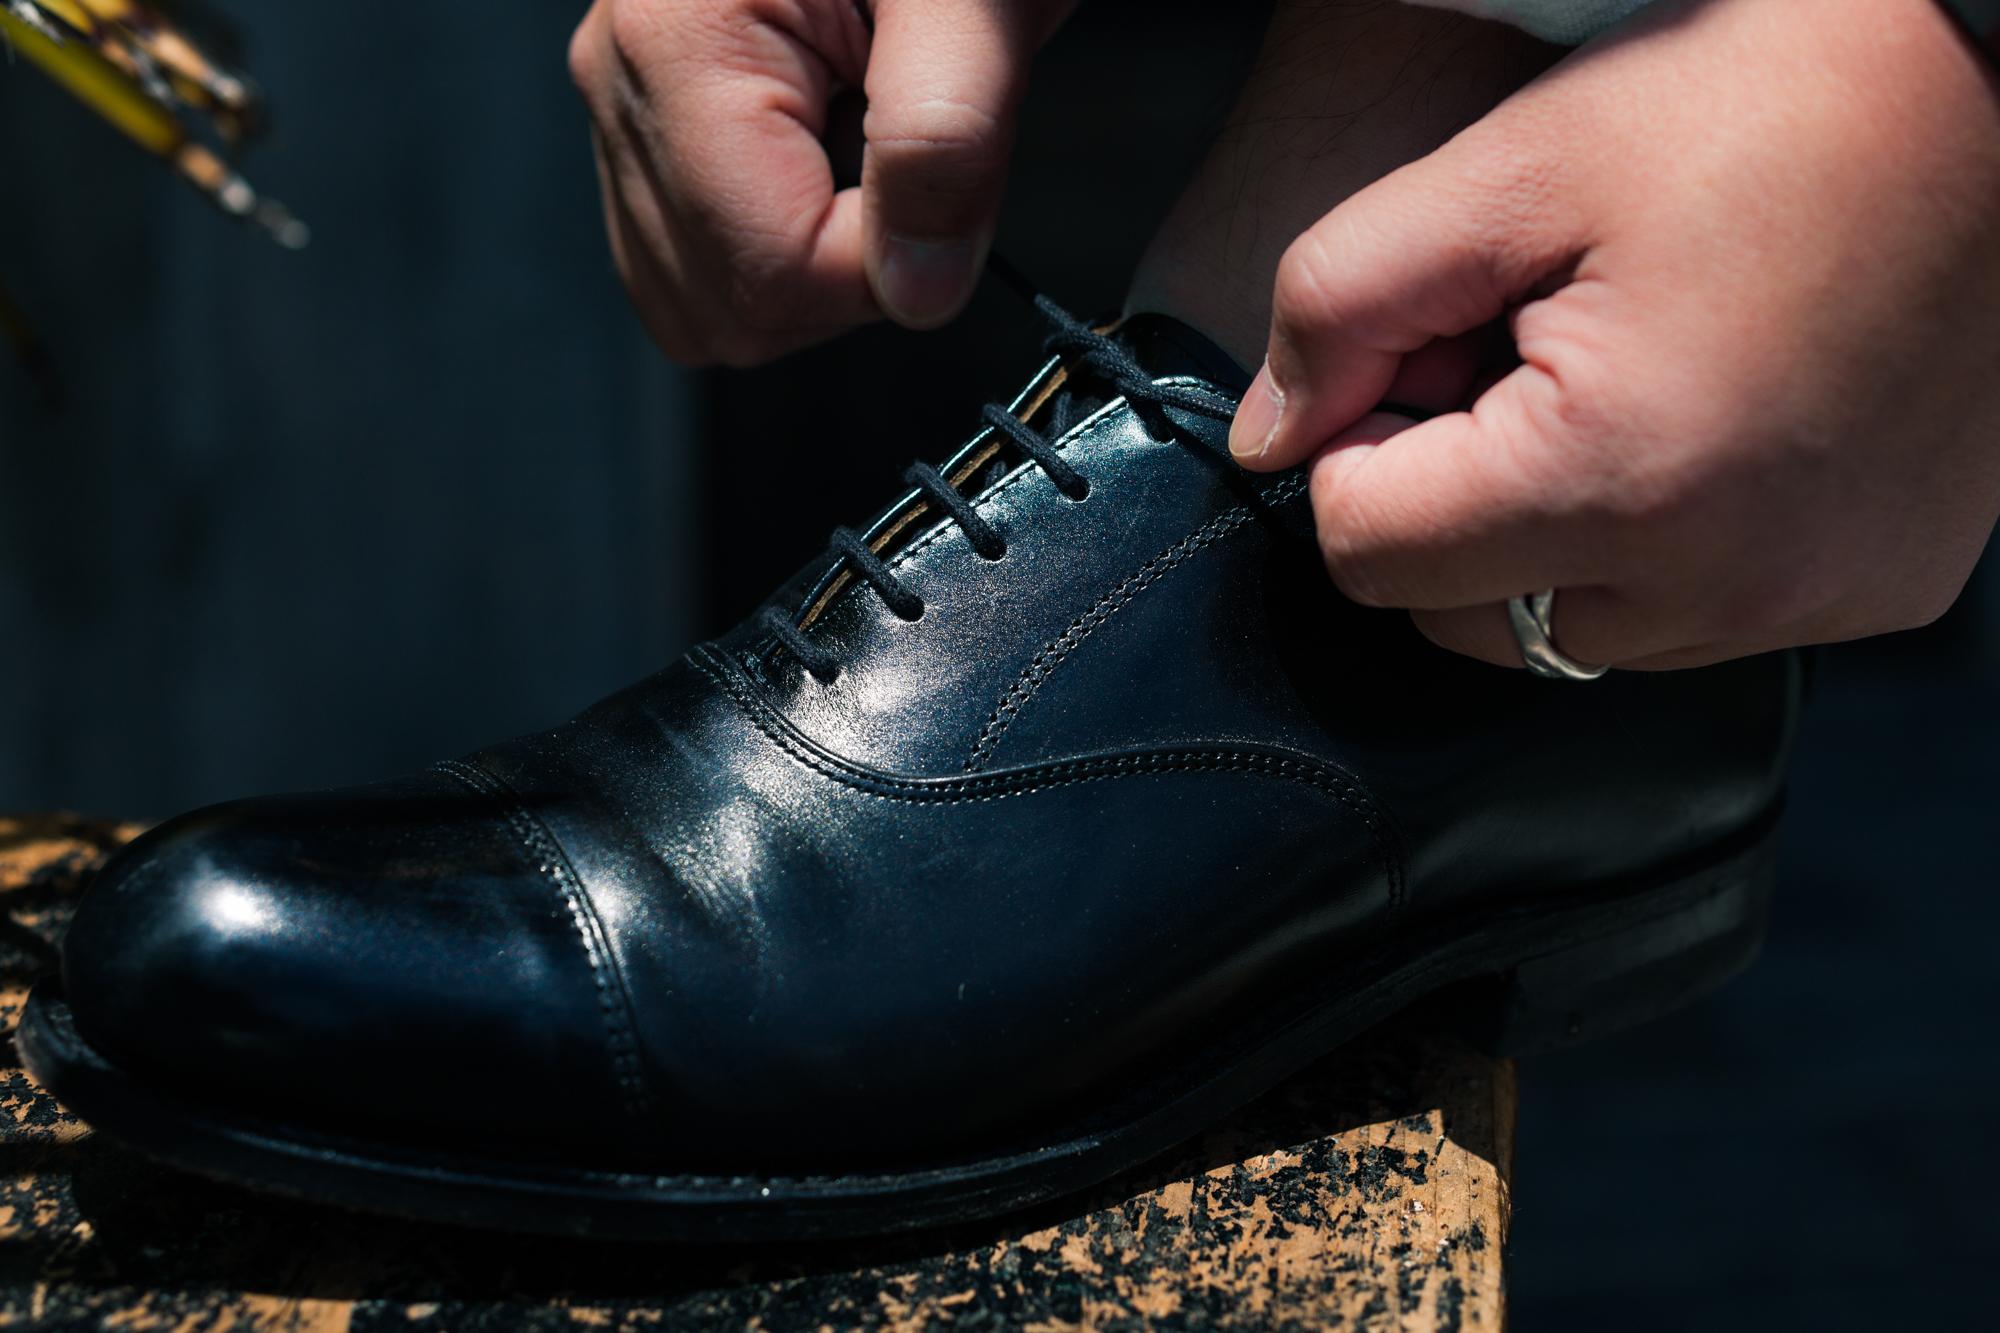 上品な佇まいが男心をくすぐるCanadian oxford shoesのご紹介。